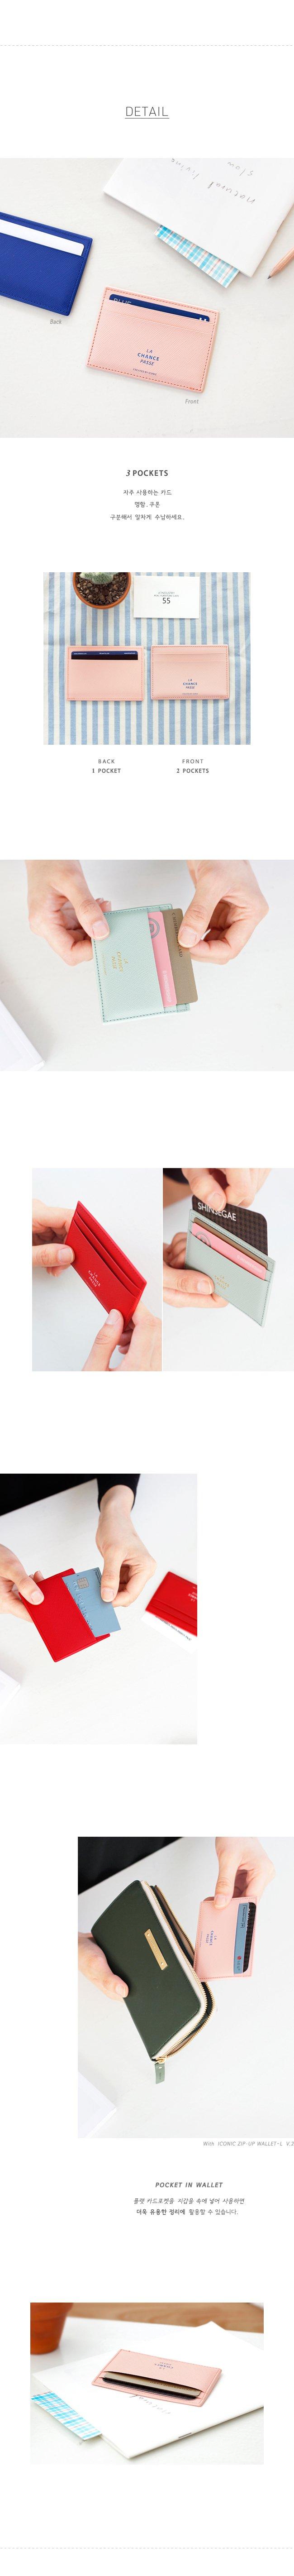 아이코닉 플랫 카드 포켓 - 아이코닉, 4,800원, 카드지갑/카드목걸이, 카드지갑